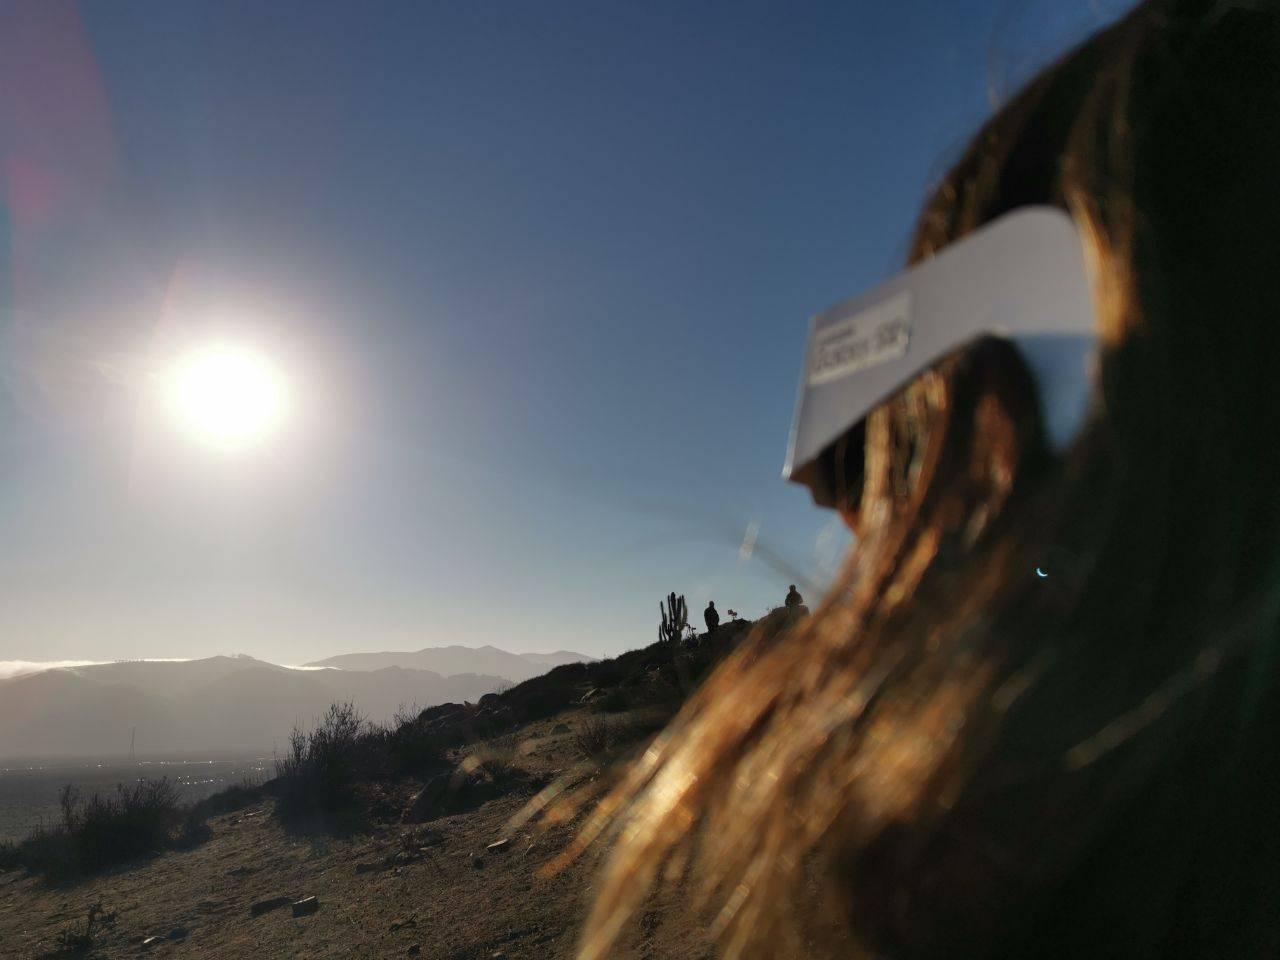 Mirando el eclipse